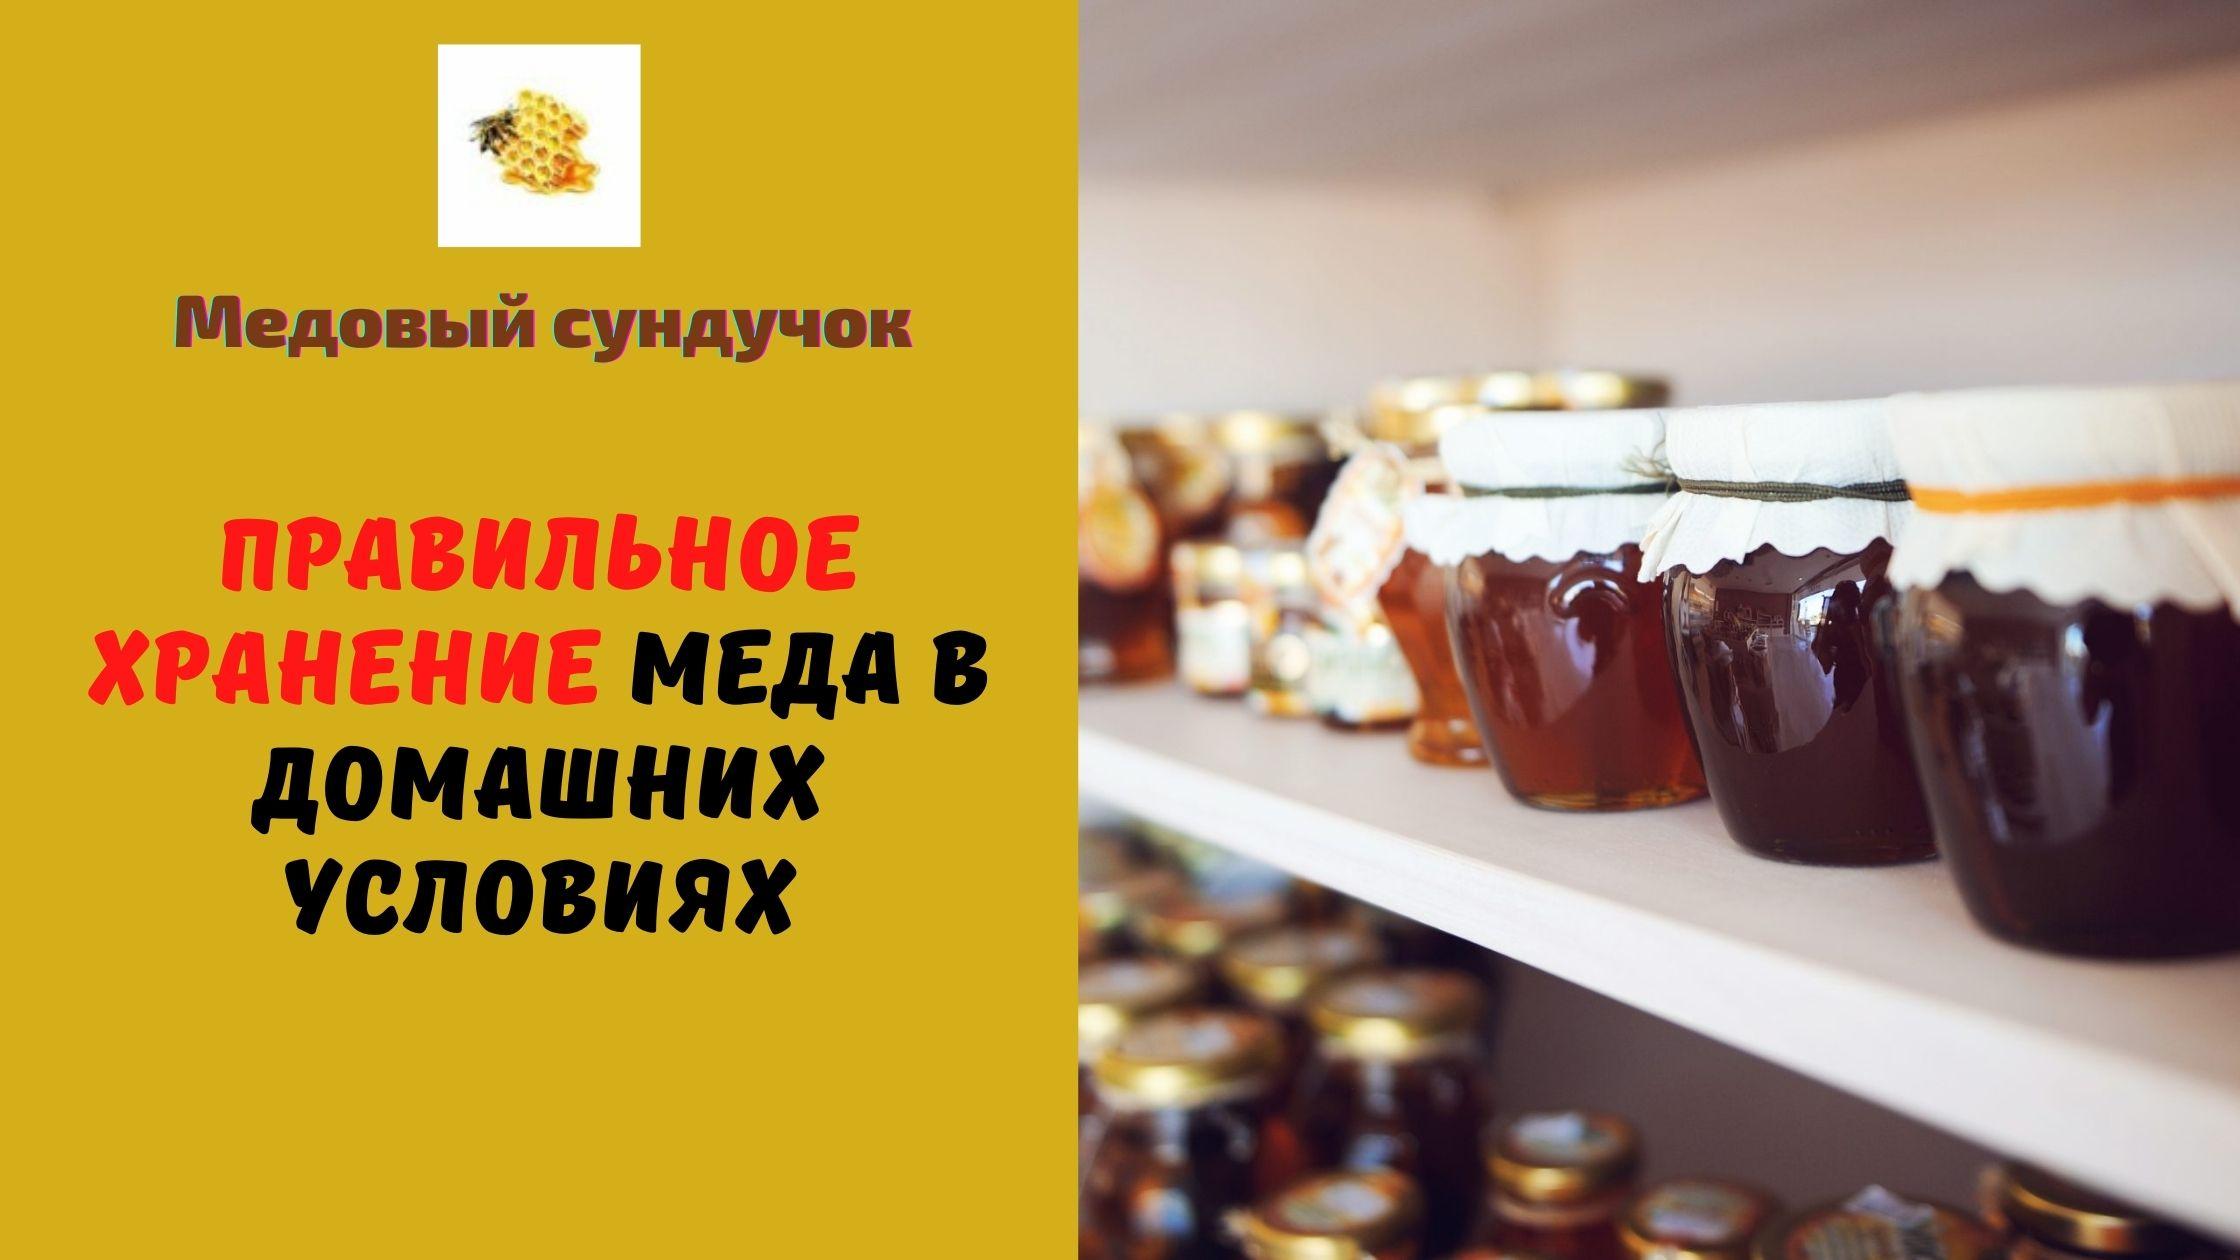 Правильное хранение меда в домашних условиях